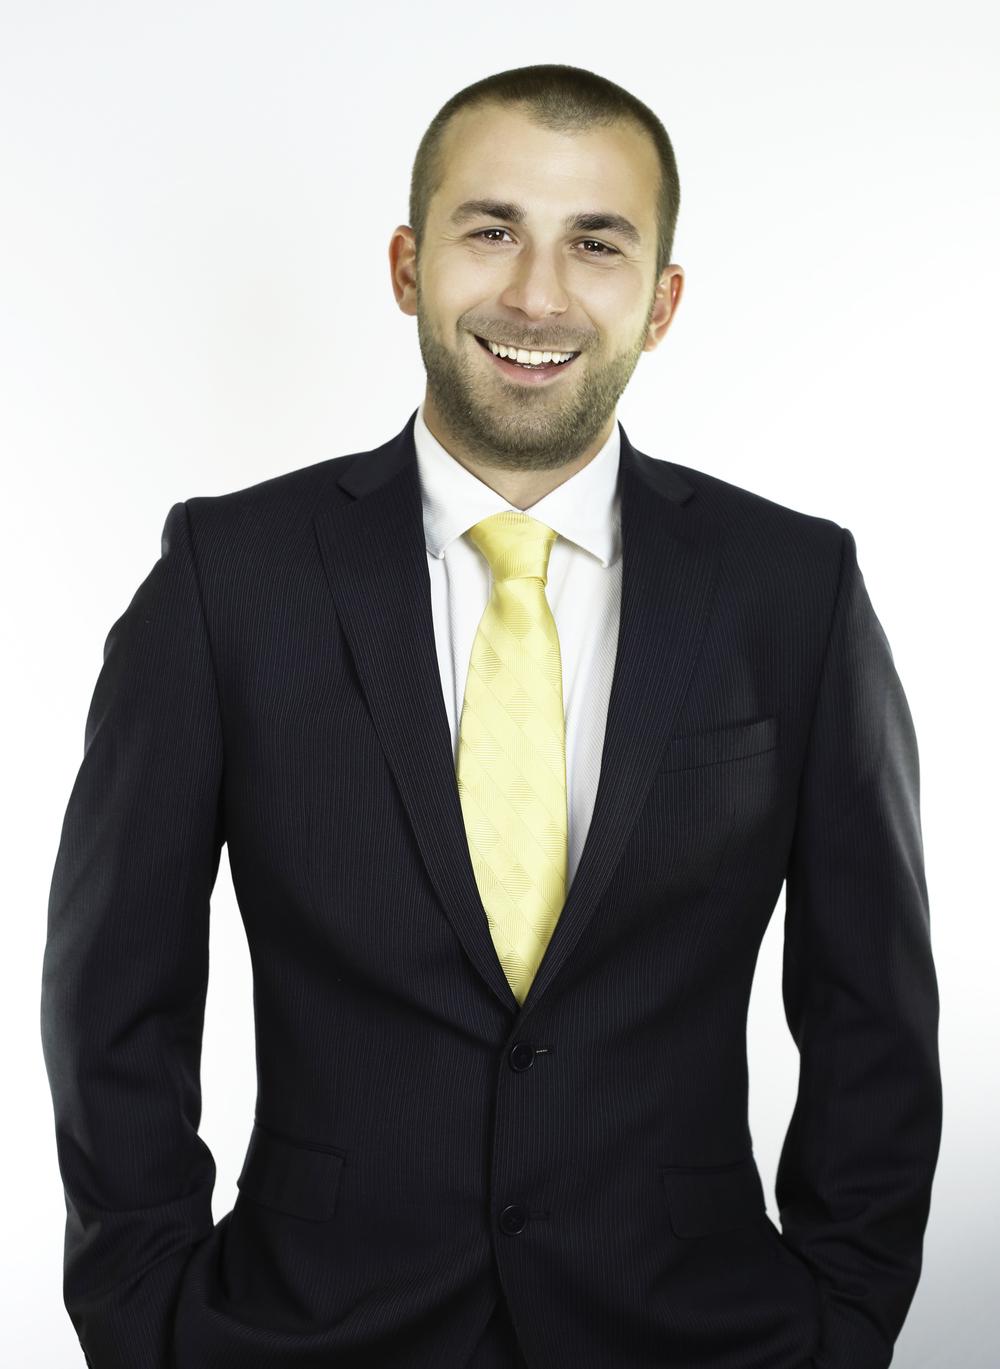 Brendan Curran